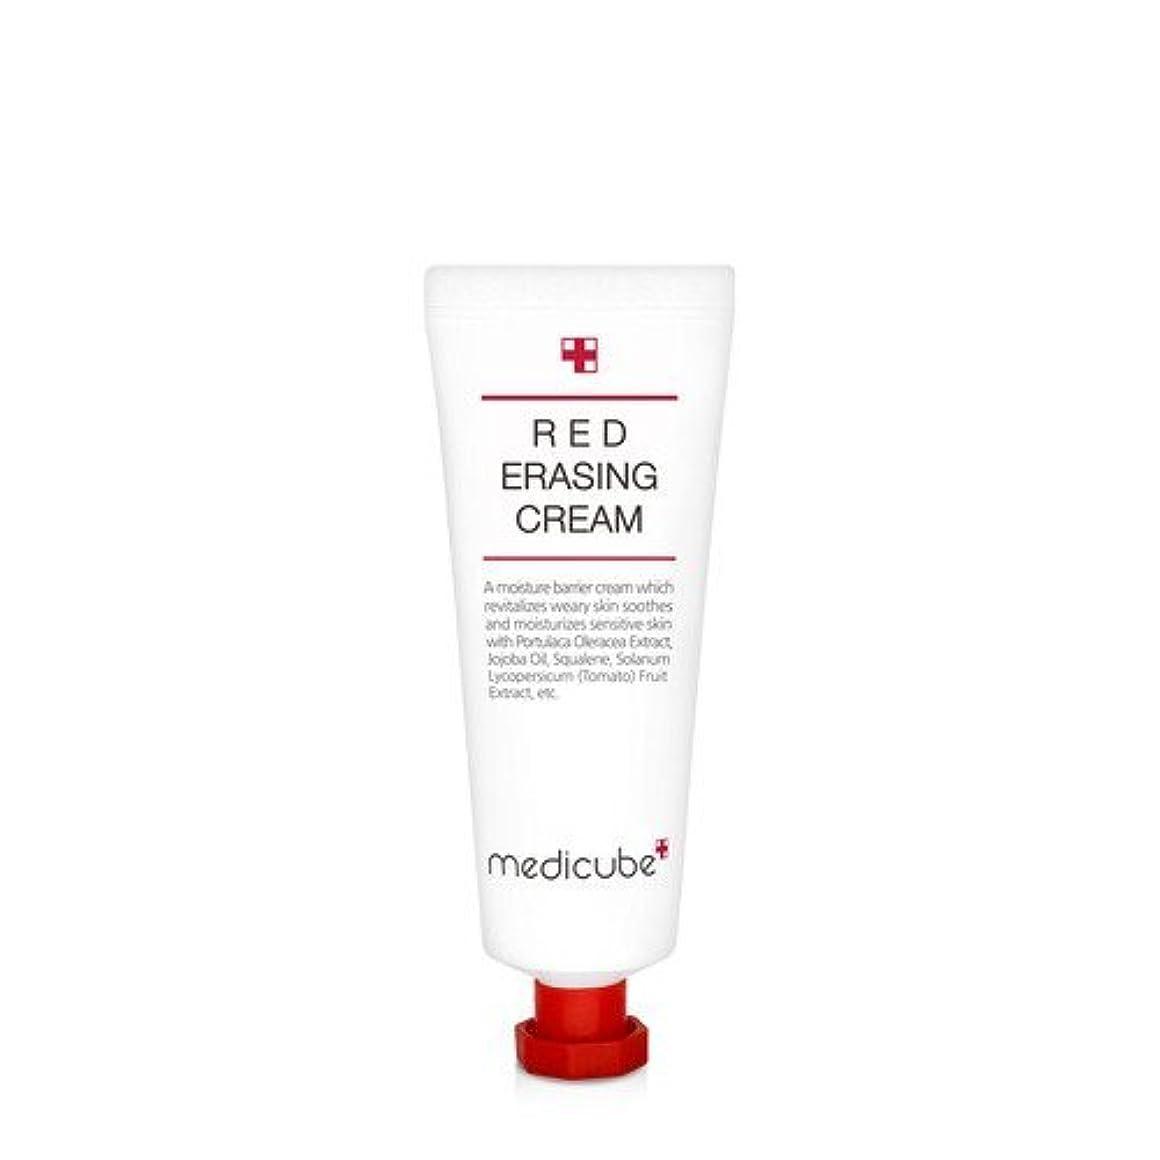 存在実現可能性韓国語[Medicube]Red Erasing Cream 50g / メディキューブレッドイレイジングクリーム / 正品?海外直送商品 [並行輸入品]